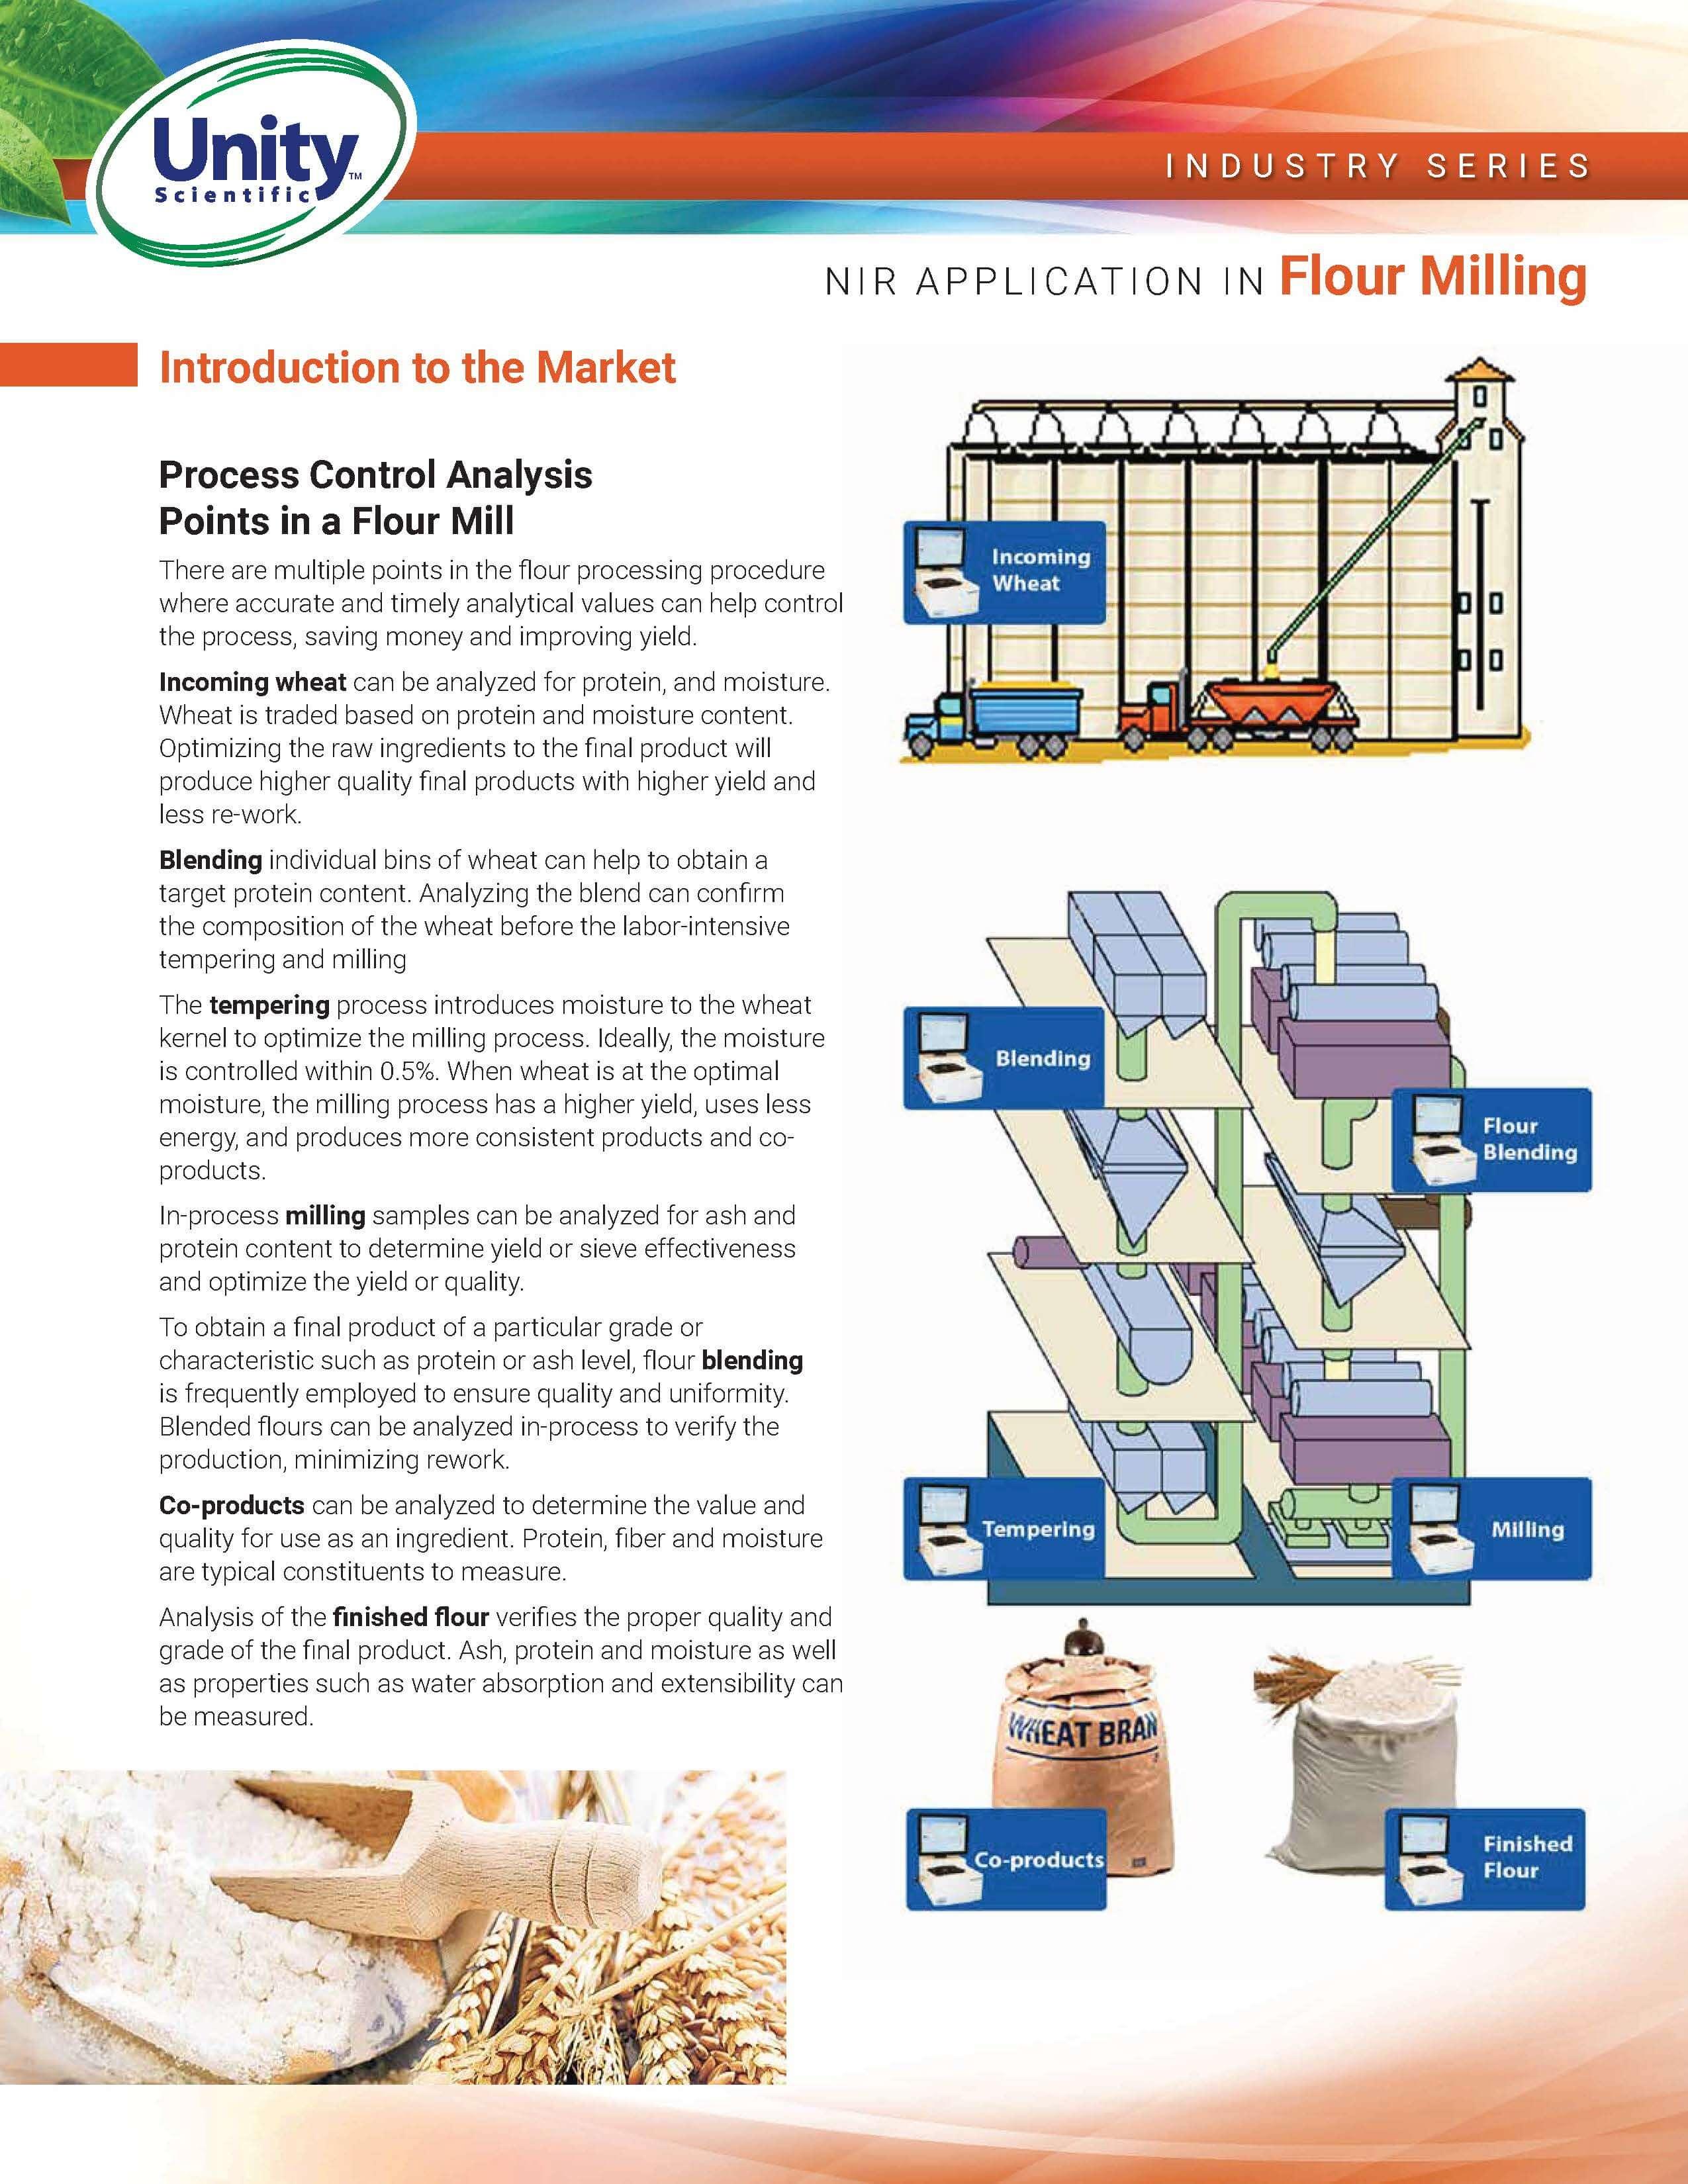 Industry Series - NIR Application In Flour Milling